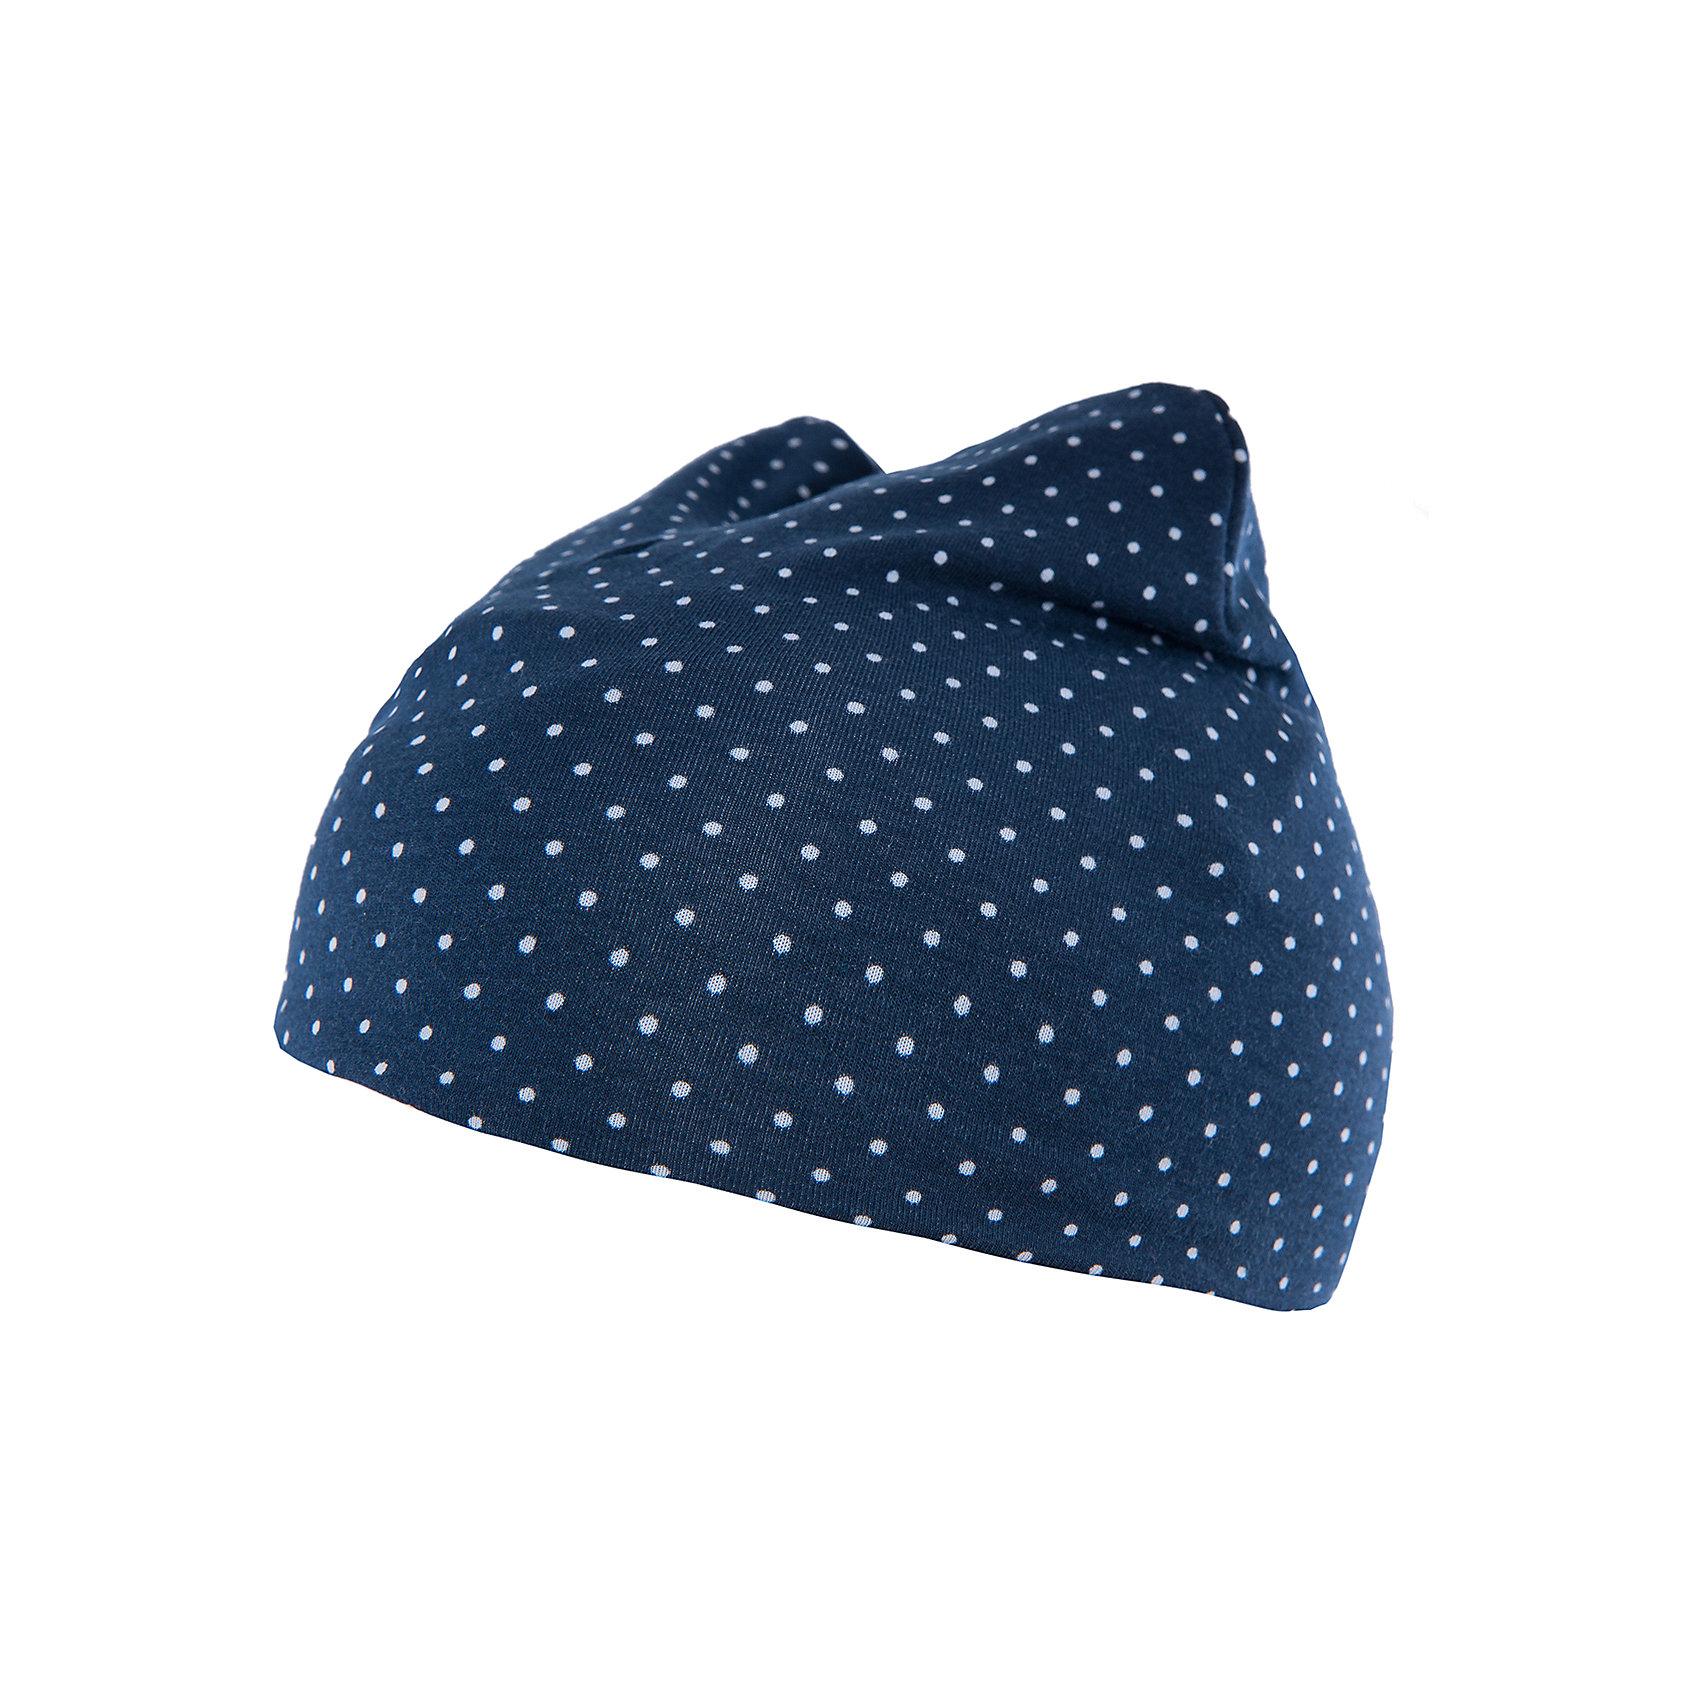 Шапочка АпрельШапочка Апрель.<br><br>Характеристики:<br><br>• состав: 95% хлопок, 5% лайкра<br>• цвет: синий<br>• коллекция: Ветер<br><br>Шапочка Апрель изготовлена из качественных гипоаллергенных материалов. Благодаря привлекательному дизайну, шапка хорошо сидит на голове. Расцветка в горошек идеально подойдет к любому образу. Стильная шапочка подчеркнет индивидуальность девочки.<br><br>Шапочку Апрель вы можете купить в нашем интернет-магазине.<br><br>Ширина мм: 89<br>Глубина мм: 117<br>Высота мм: 44<br>Вес г: 155<br>Цвет: синий<br>Возраст от месяцев: 12<br>Возраст до месяцев: 18<br>Пол: Женский<br>Возраст: Детский<br>Размер: 48,54,52,50<br>SKU: 4936535